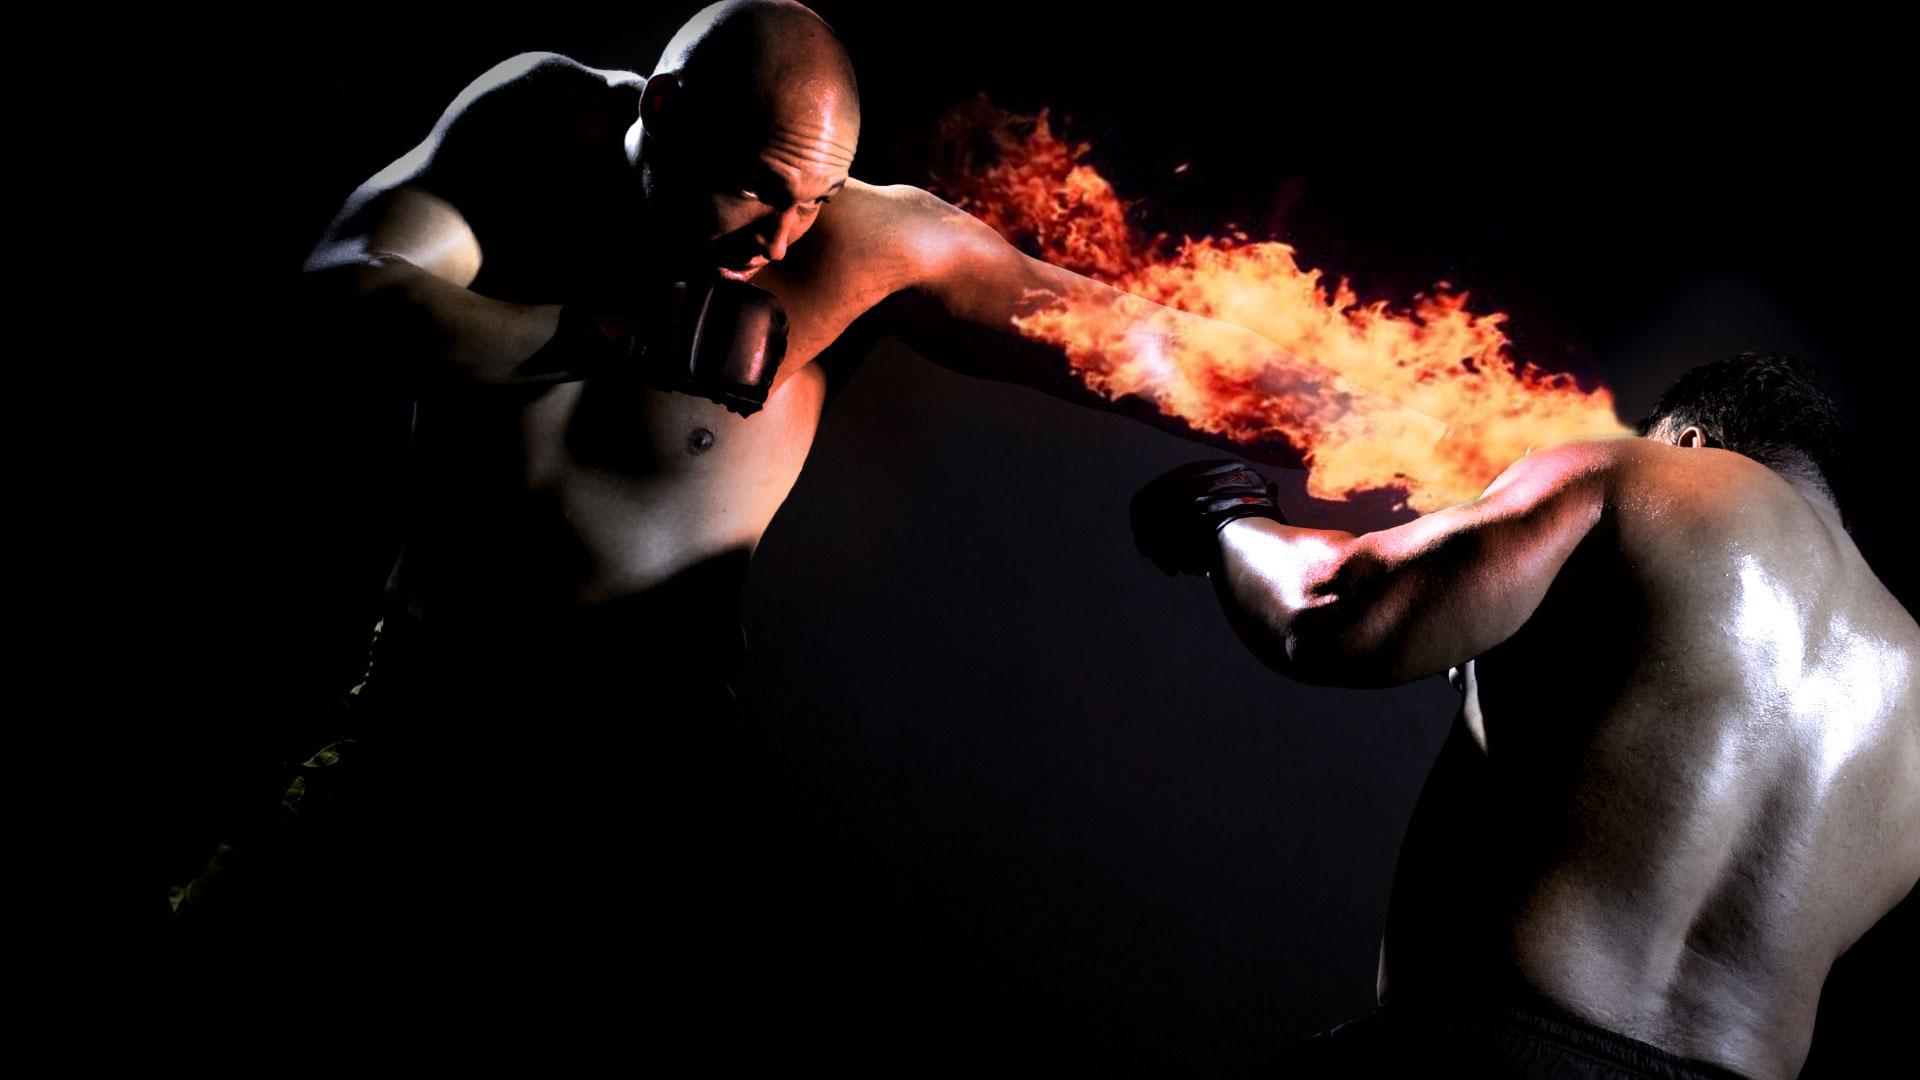 UFC mma martial arts battle e wallpaper 1920x1080 171334 1920x1080